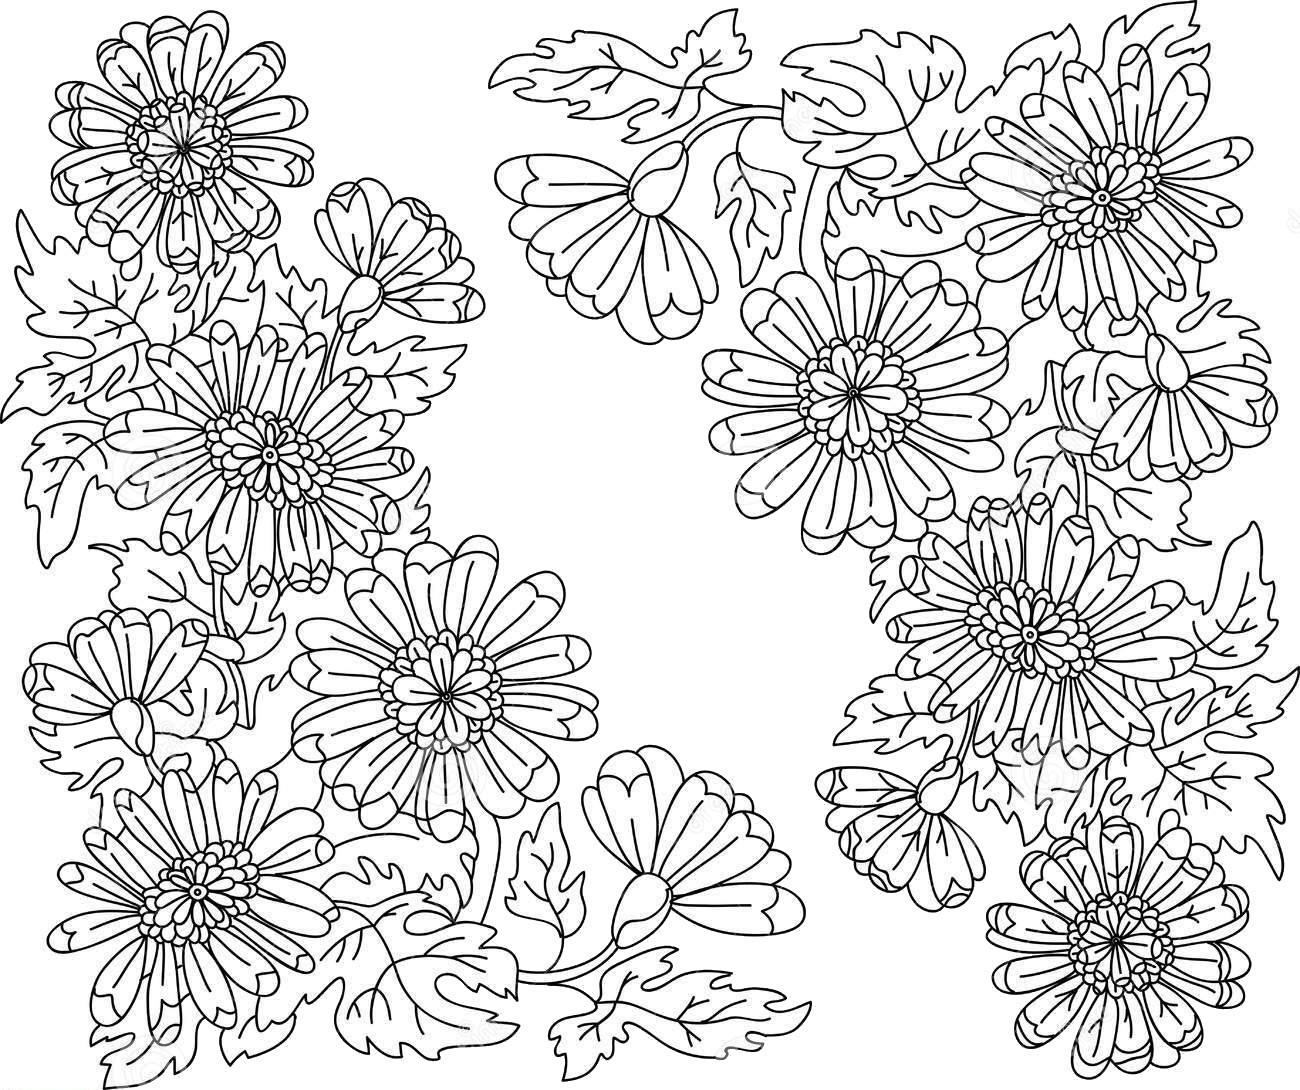 Tranh tô màu hoa cúc đẹp và ý nghĩa